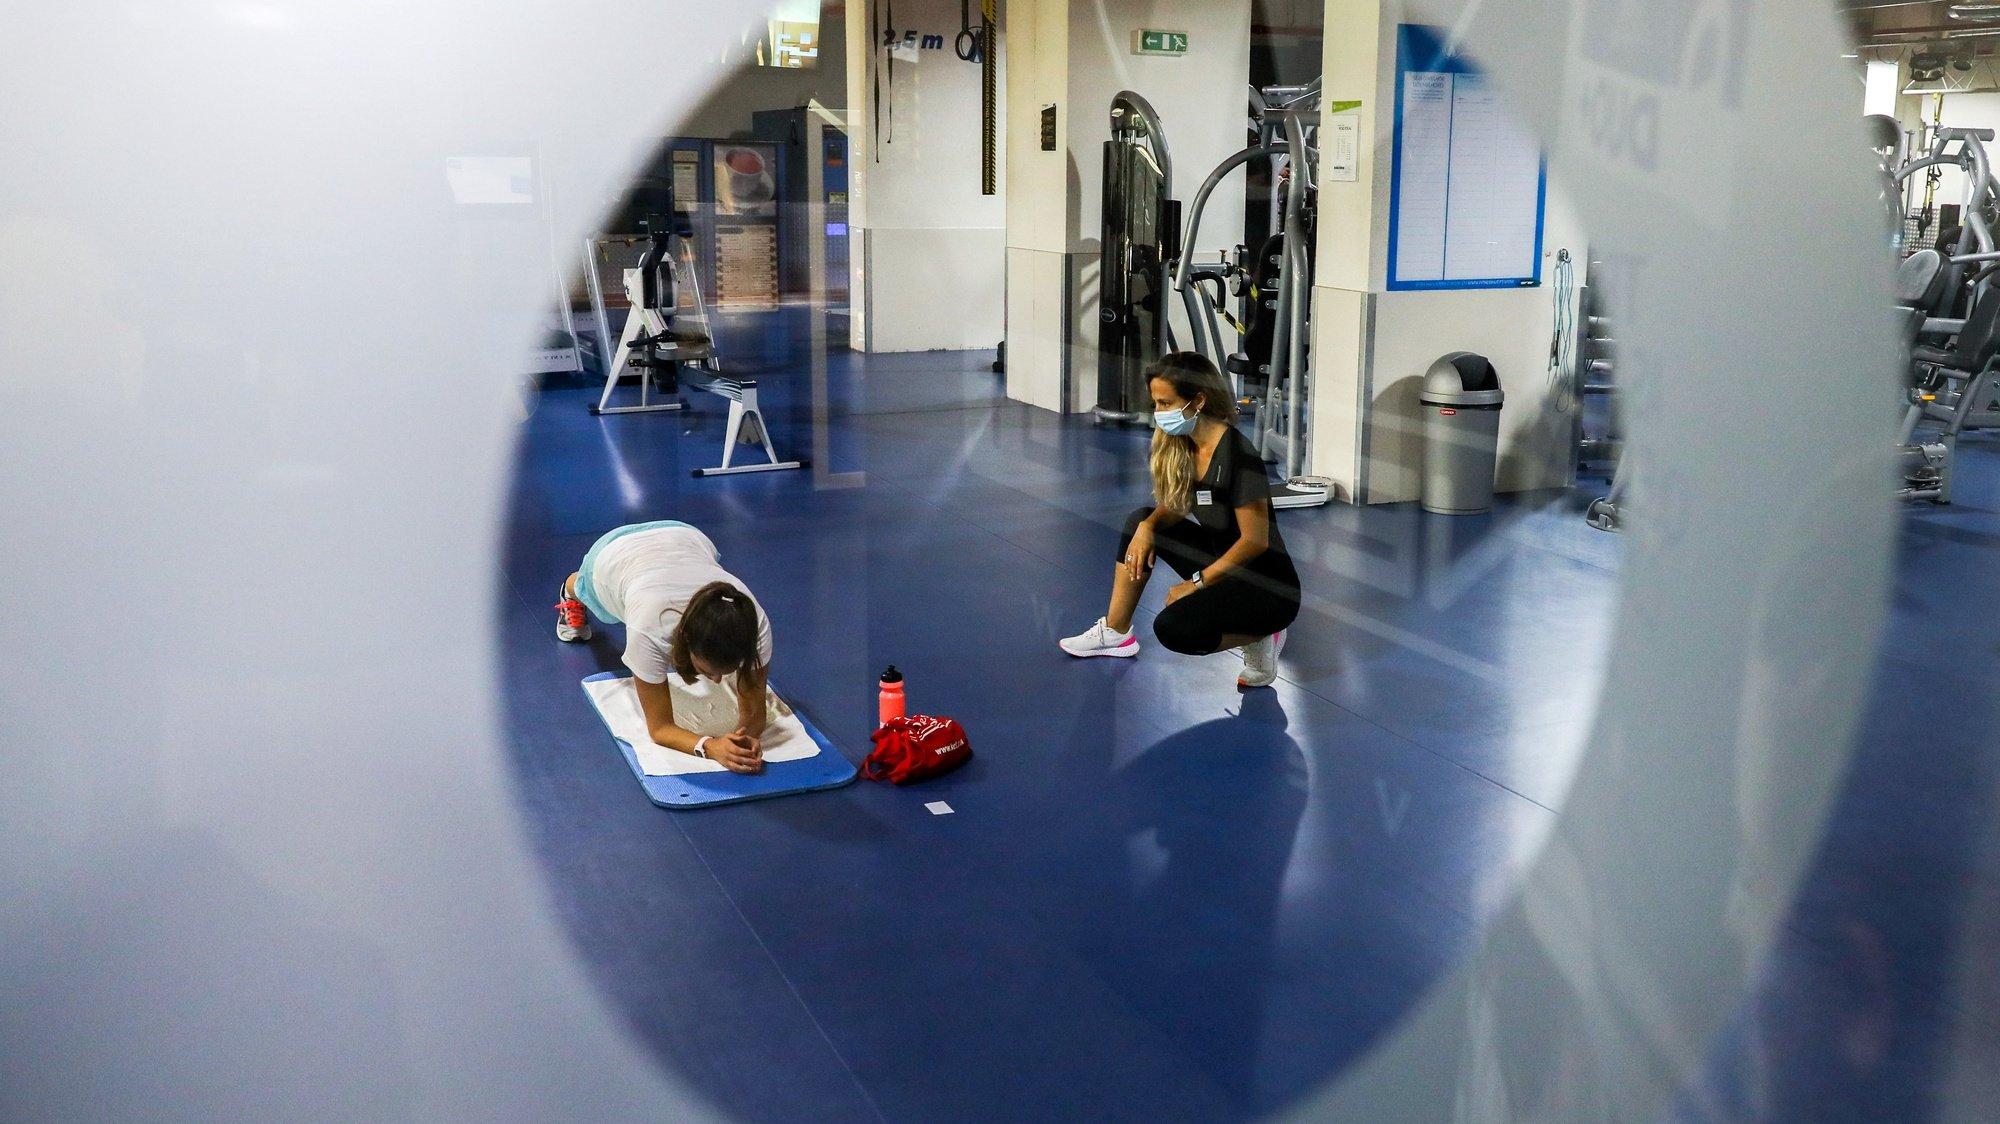 Uma utente treina esta manhã com a sua instrutora num ginásio em Lisboa, 03 de junho de 2020. Os ginásios puderam reabrir as suas portas ao público desde dia 1 de junho. MIGUEL A. LOPES/LUSA